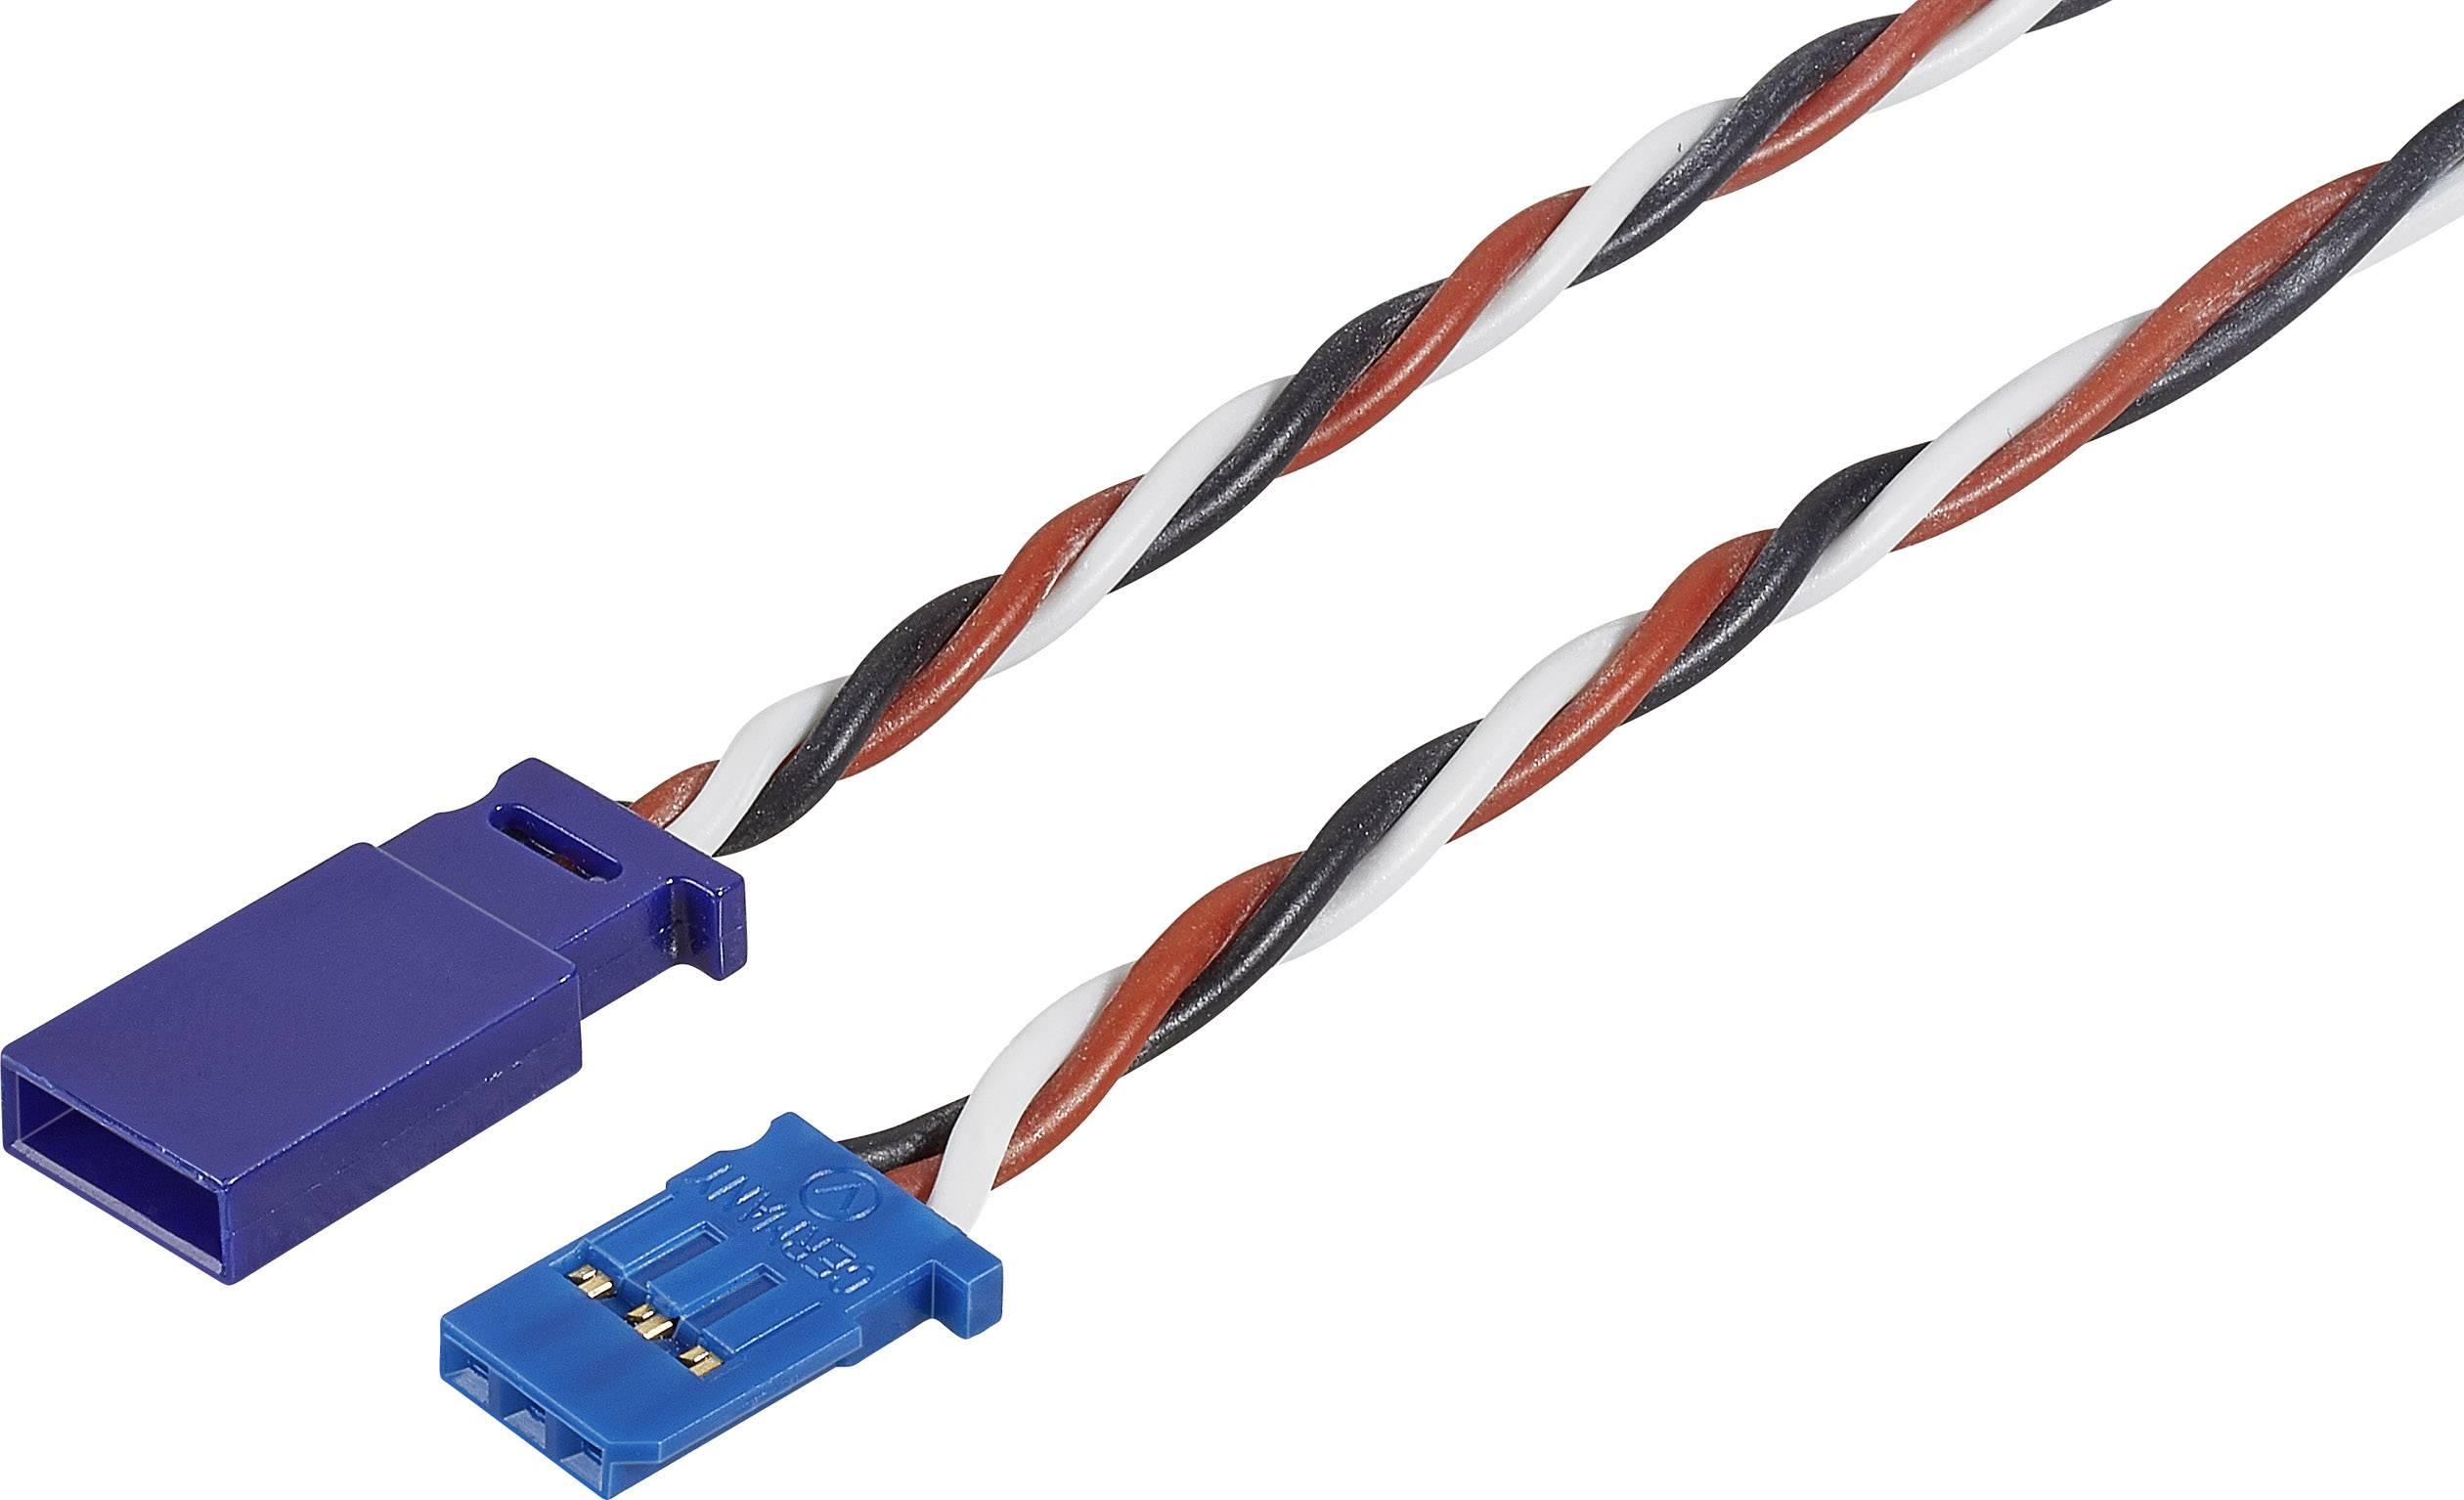 Prodlužovací kabel Modelcraft, konektor Futaba, 25 cm